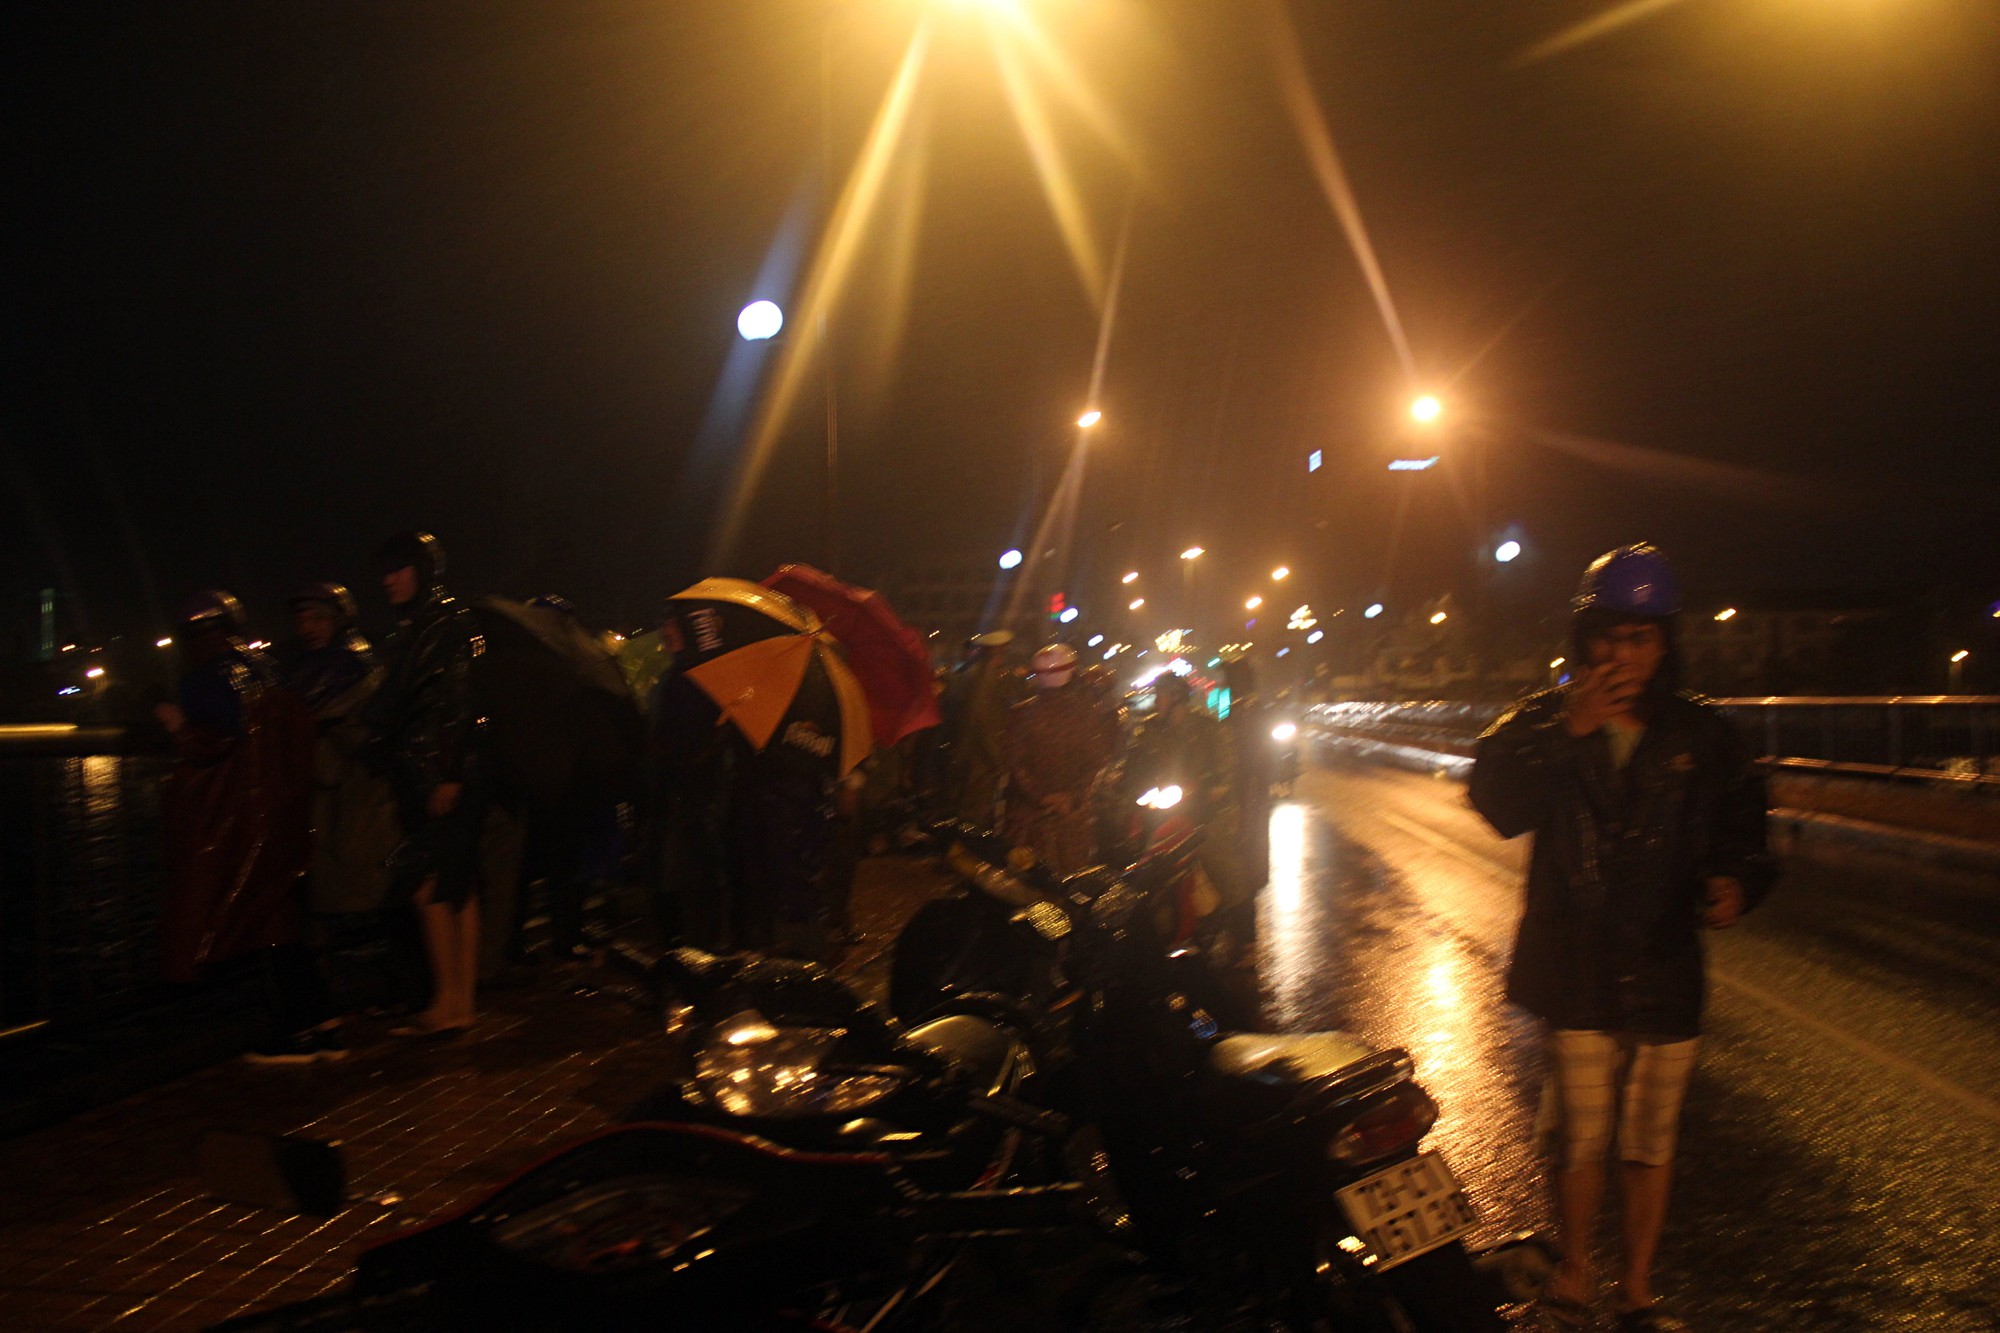 Quảng Bình: Đang đi cùng cha trên cầu, nam sinh viên bất ngờ nhảy sông tự tử - Ảnh 1.